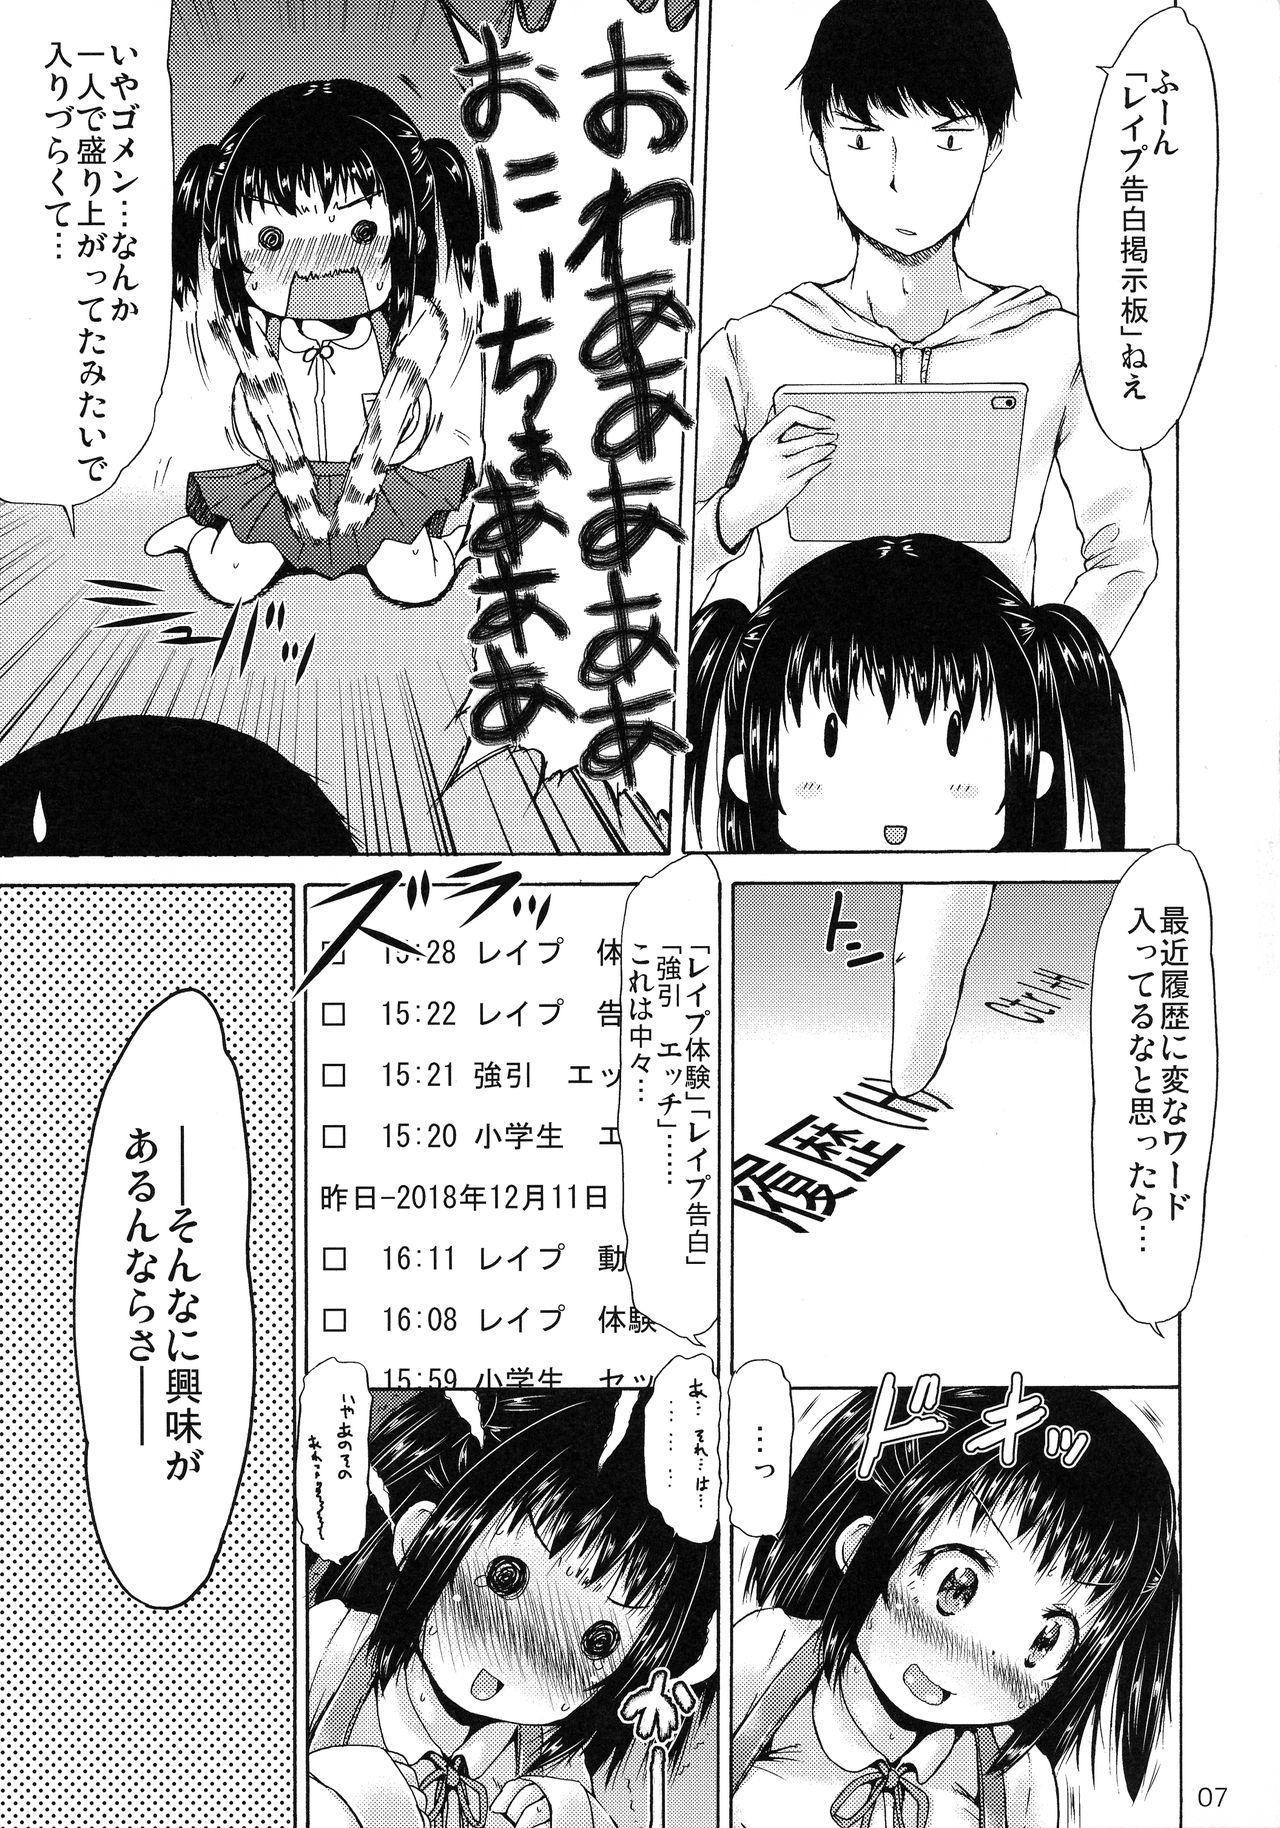 Tsuri Skirt no Onnanoko wa Rape Gokko ga Shitai Sou desu. 6